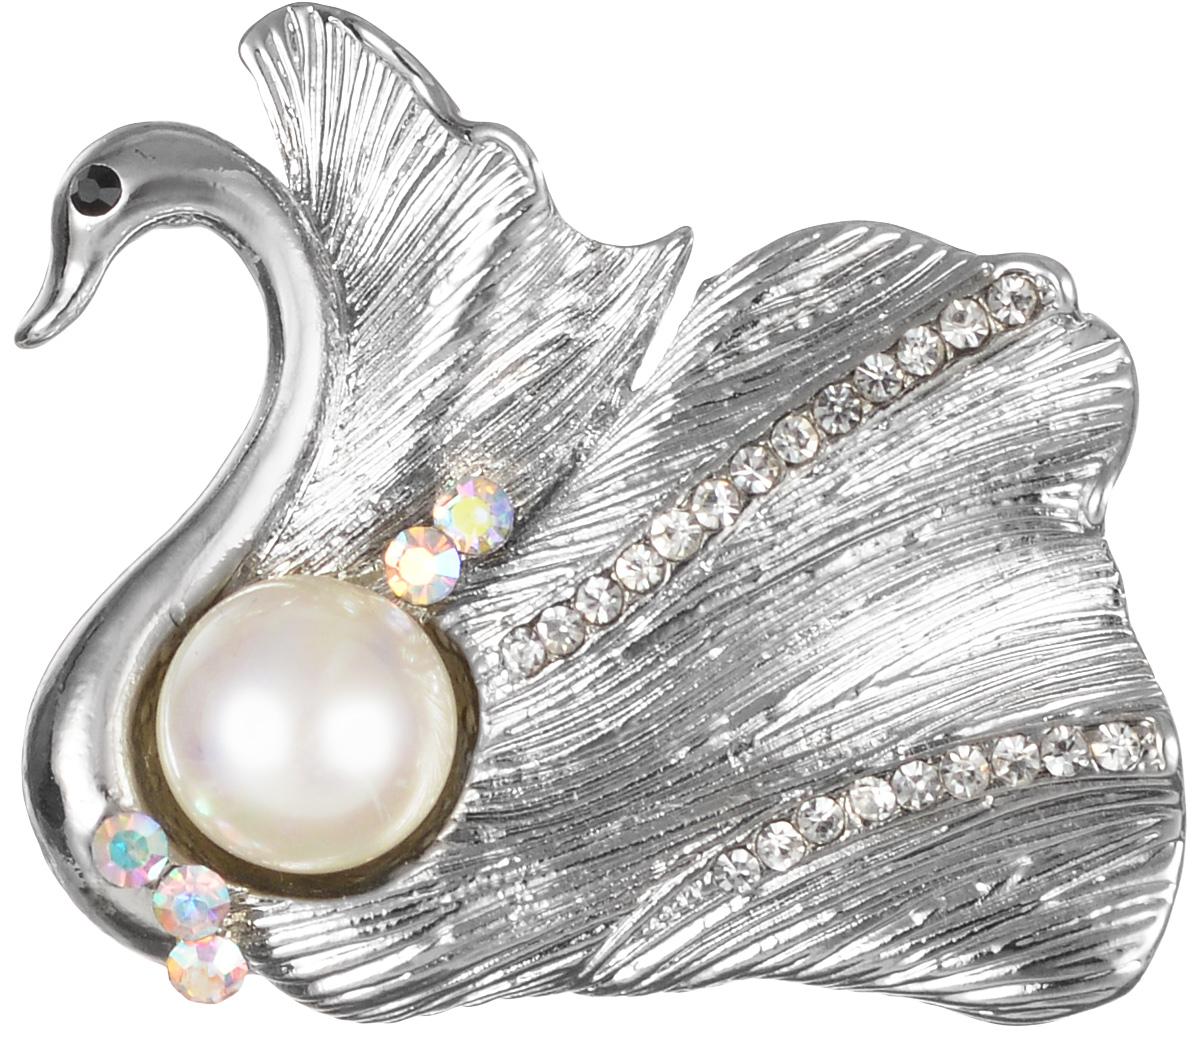 Брошь Fashion House, цвет: серебряный, белый. FH26354FH26354Эффектная брошь Fashion House, выполнена в виде лебедя из бижутерного сплава и оформлена жемчужиной и стразами. Брошь крепится с помощью булавки с замочком. Такая брошь позволит вам с легкостью воплотить самую смелую фантазию и создать собственный, неповторимый образ.